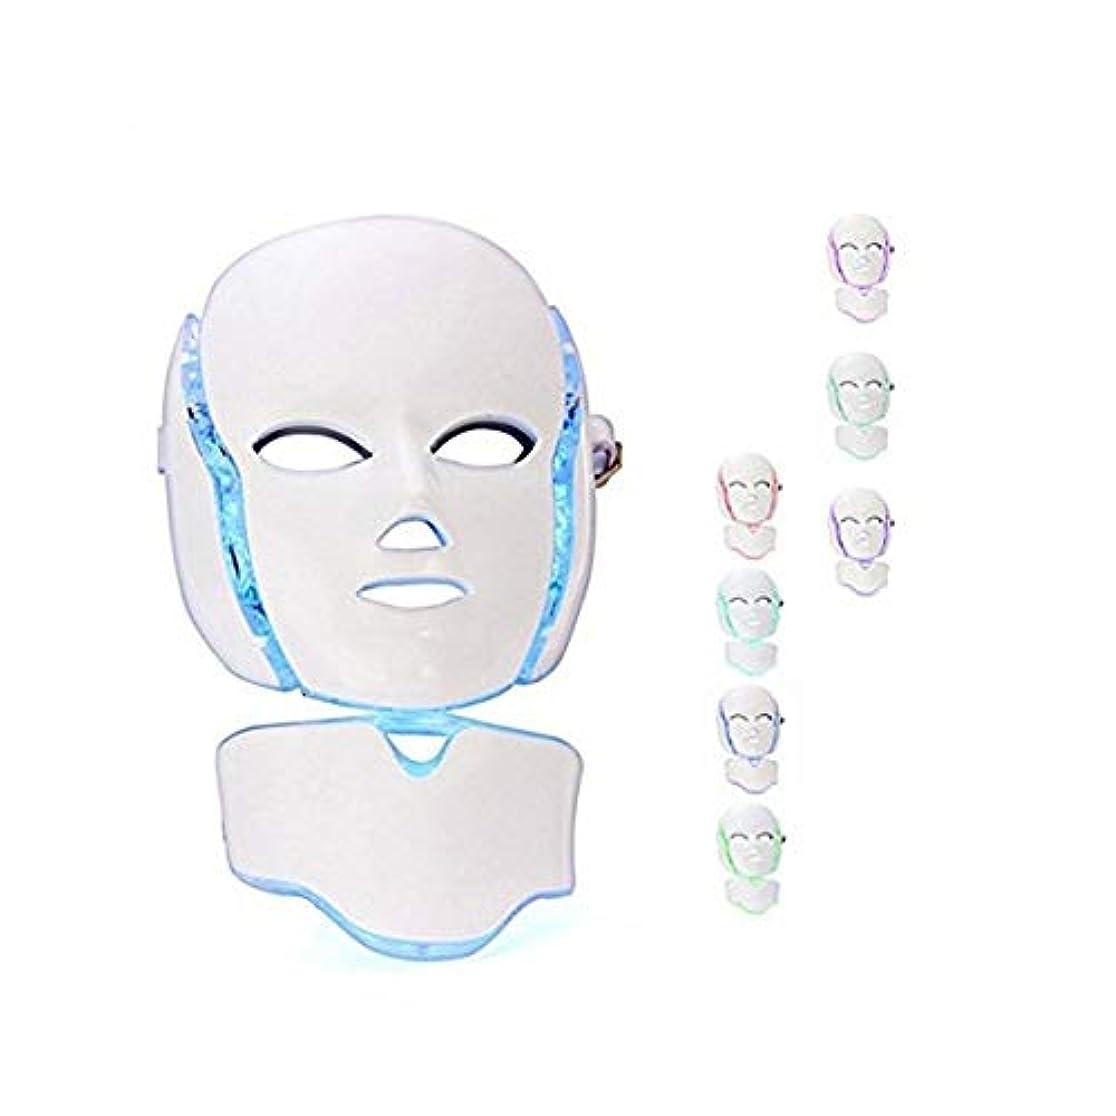 田舎兵士粒7色のLEDフォトン顔はしわのためのセラピー?フェイシャル&ネックビューティースキンケアマスクマスク、にきびアンチエイジング&健康的な肌の若返りコラーゲン